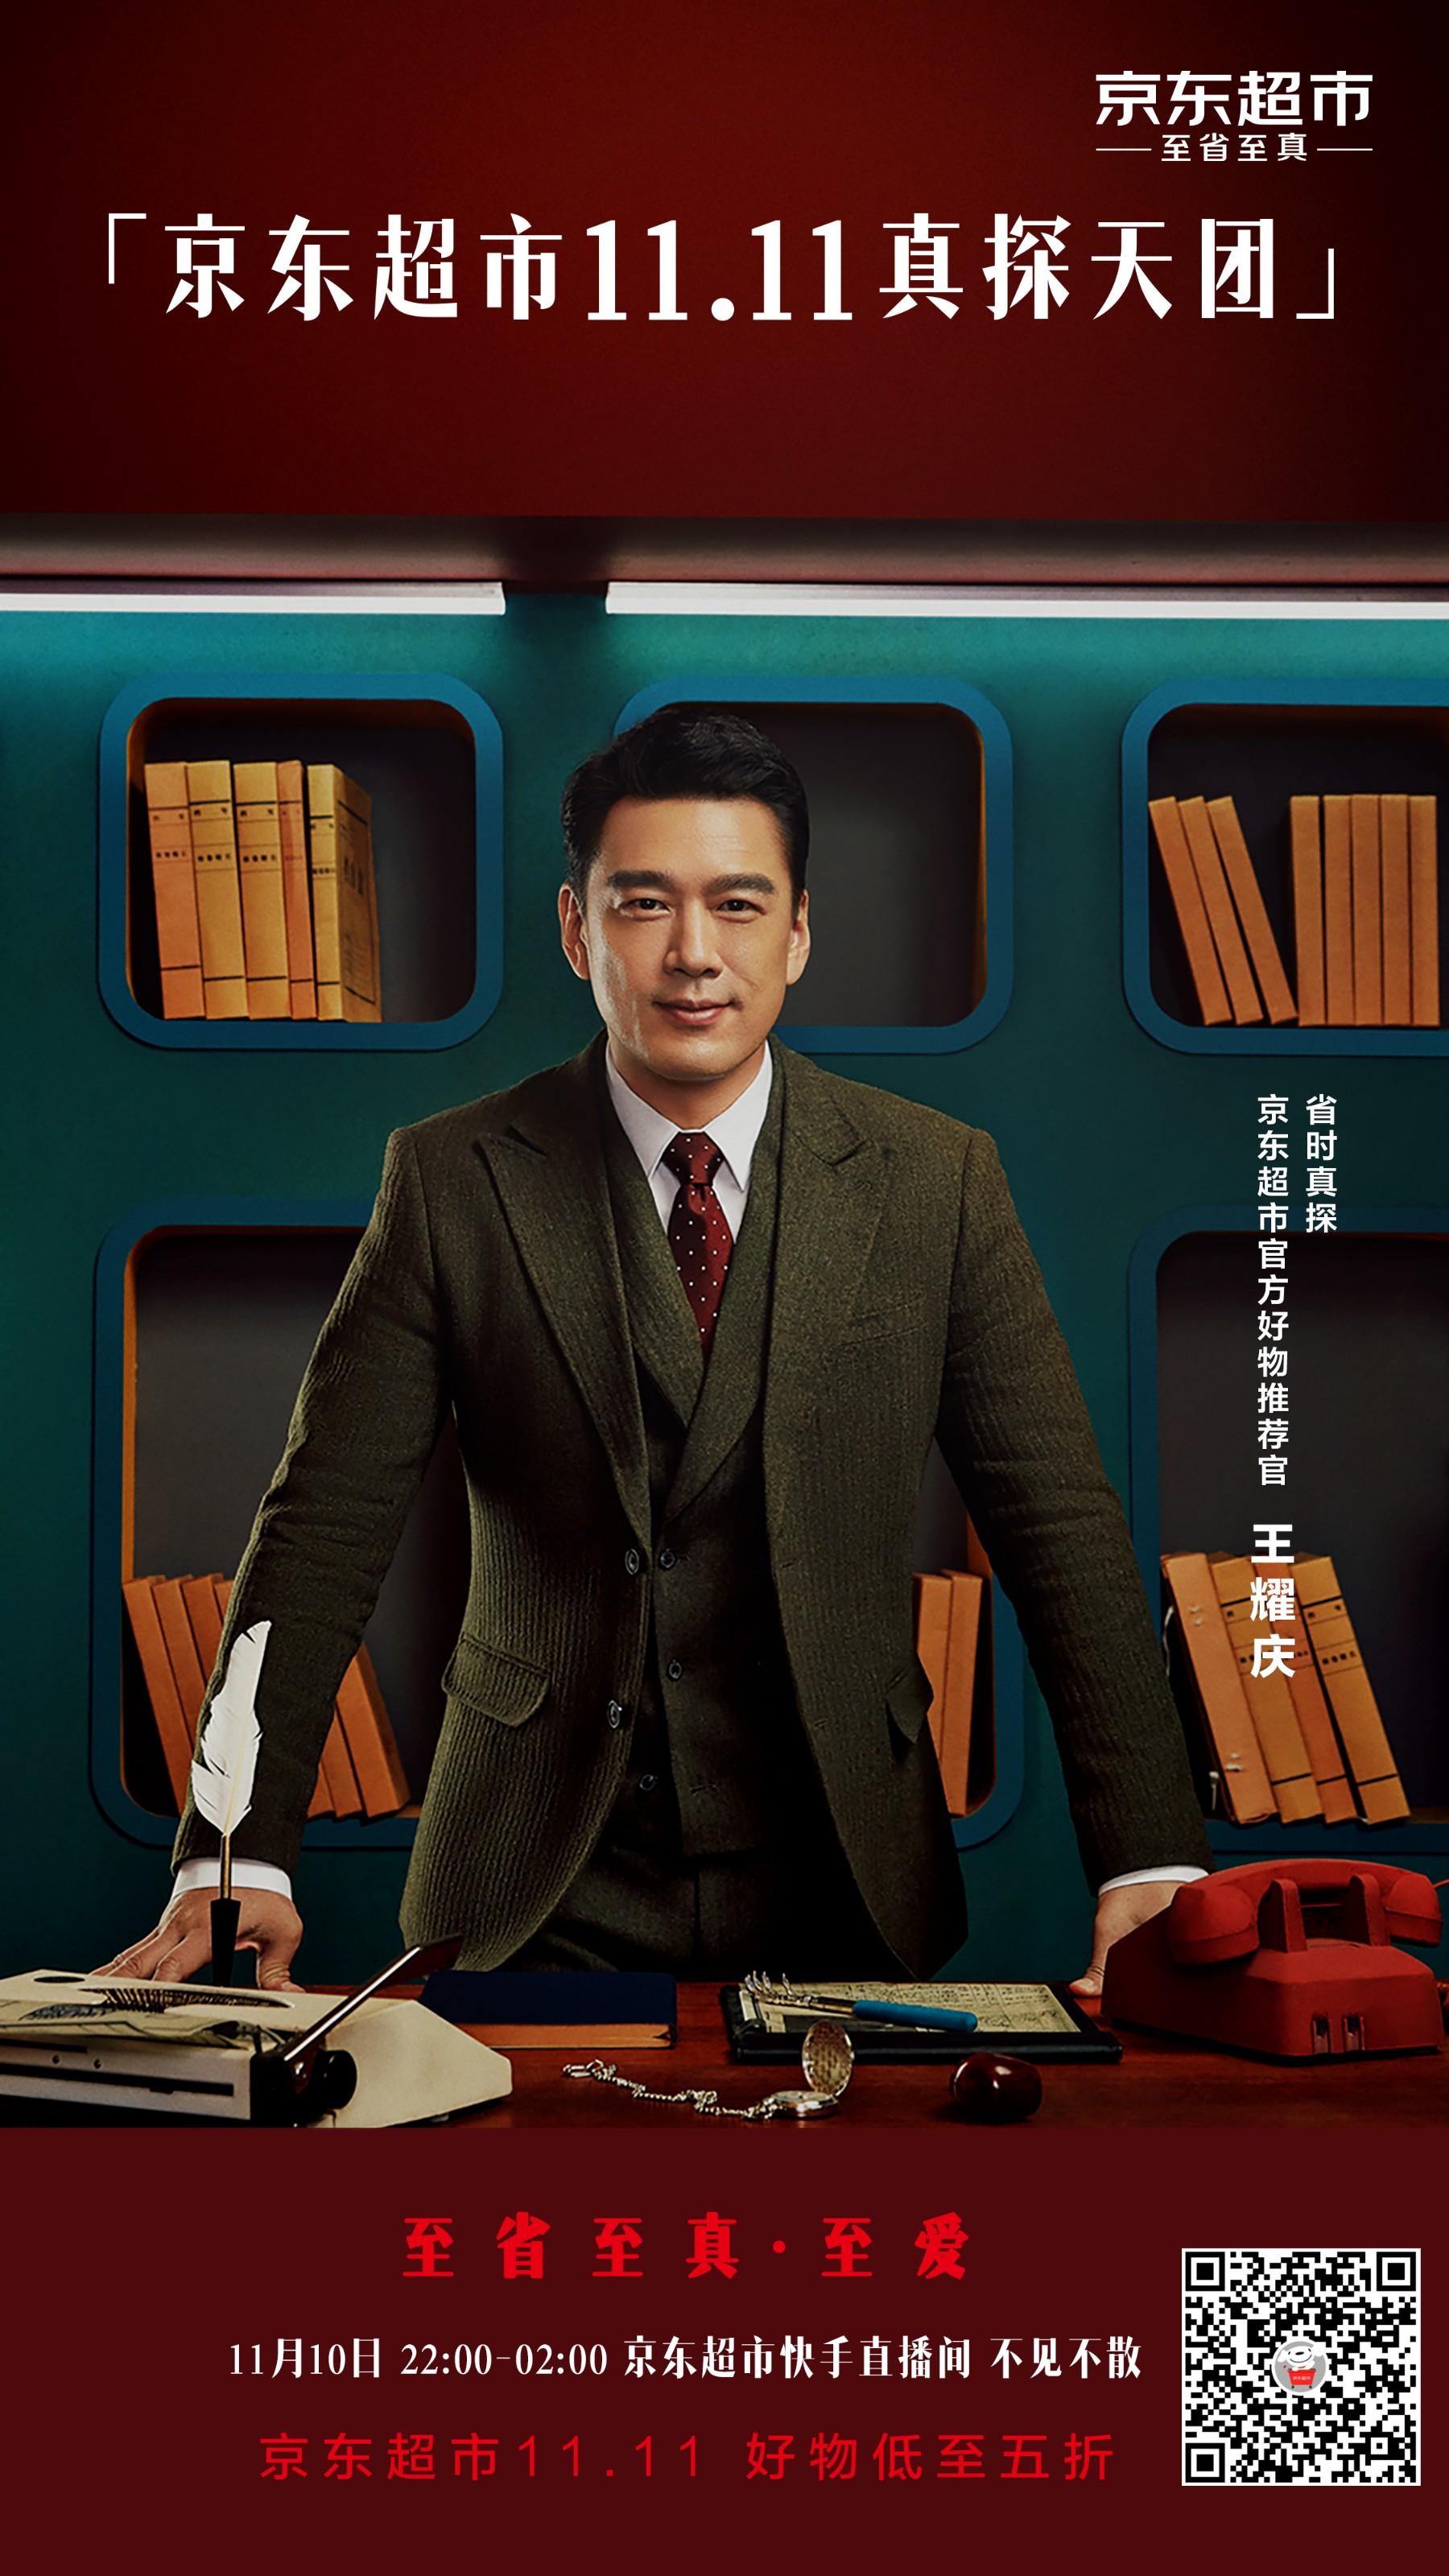 王耀庆-001.jpg